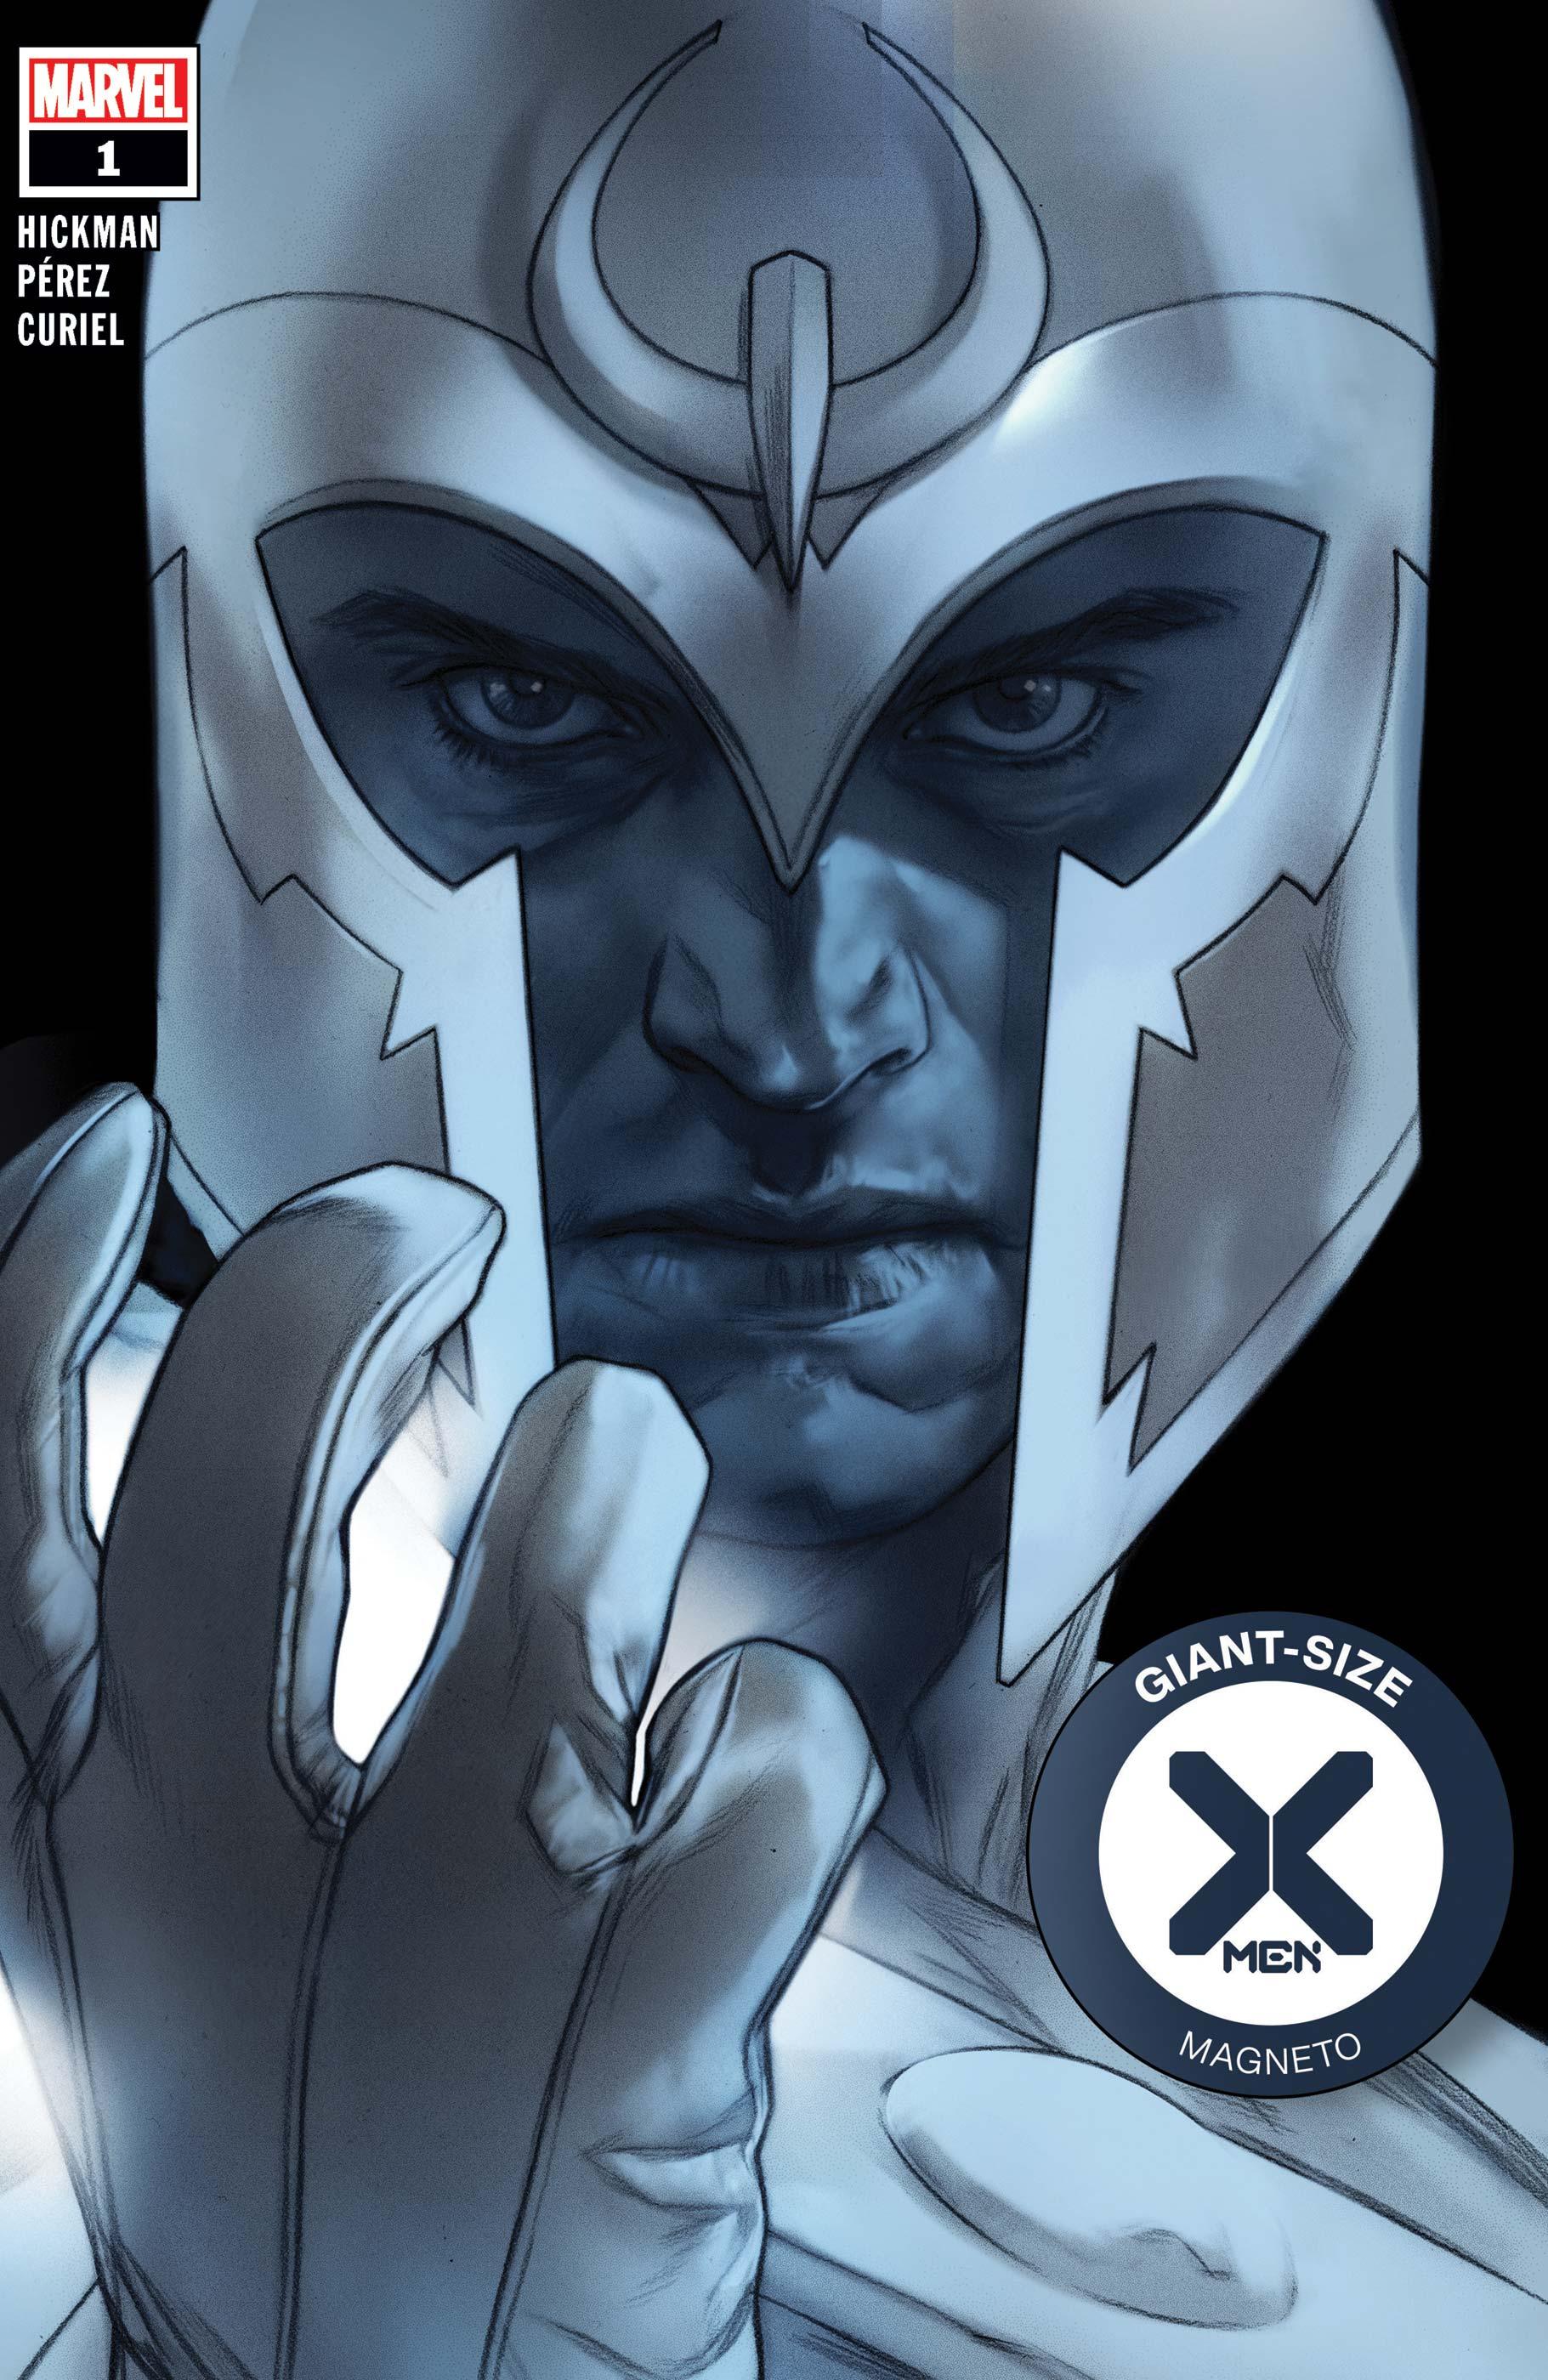 Giant-Size X-Men: Magneto (2020) #1 (Variant)